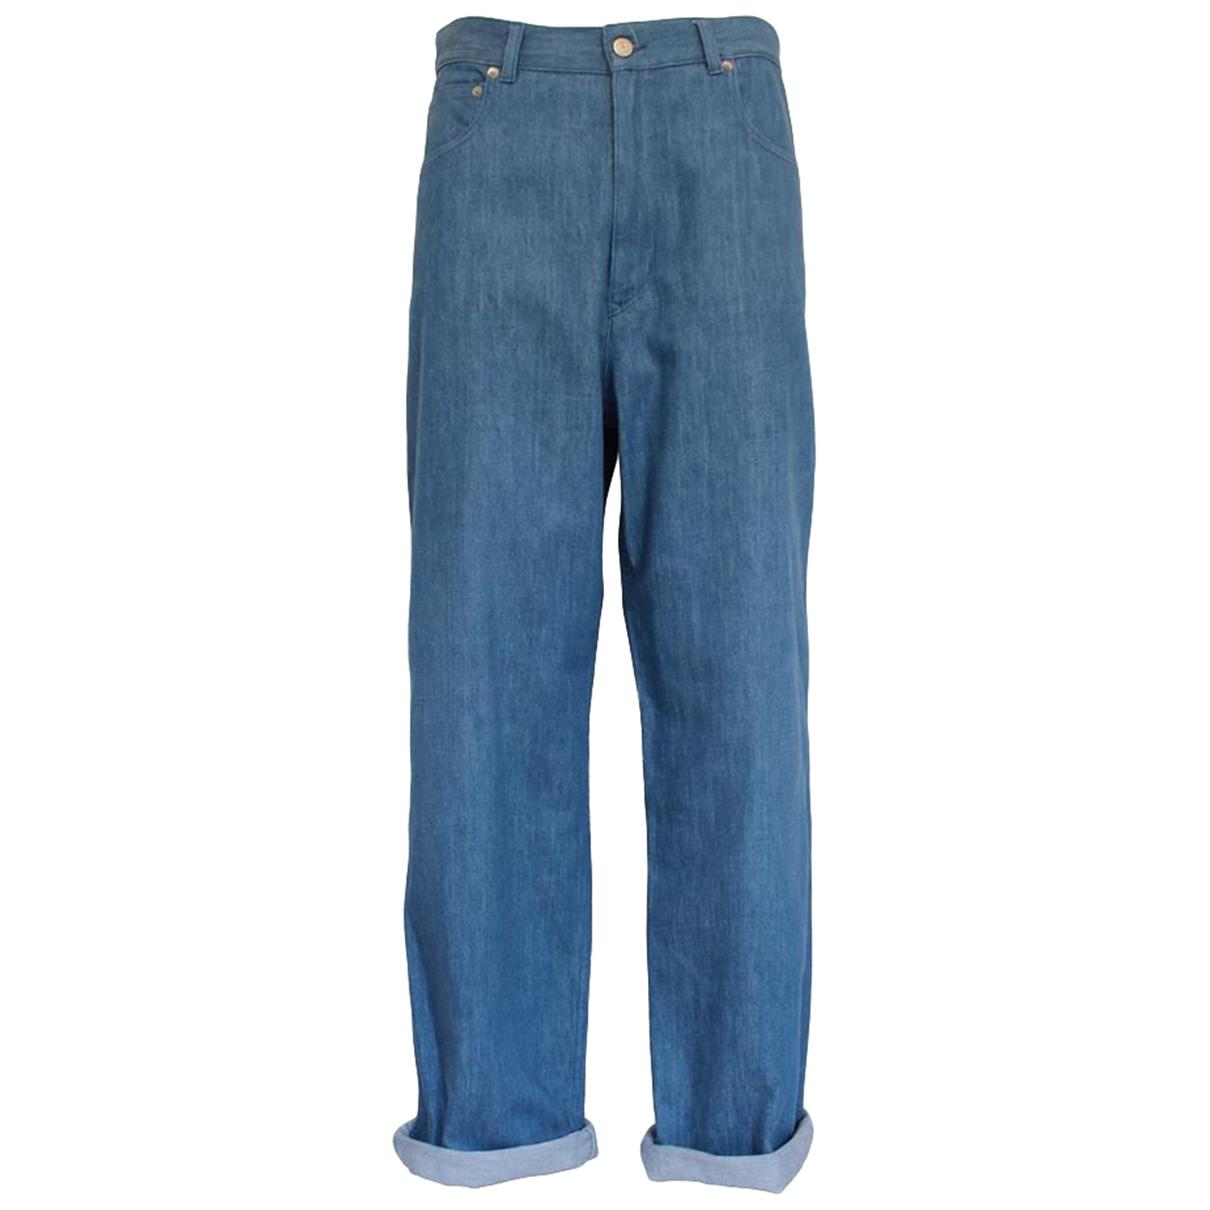 Golden Goose \N Hose in  Blau Denim - Jeans